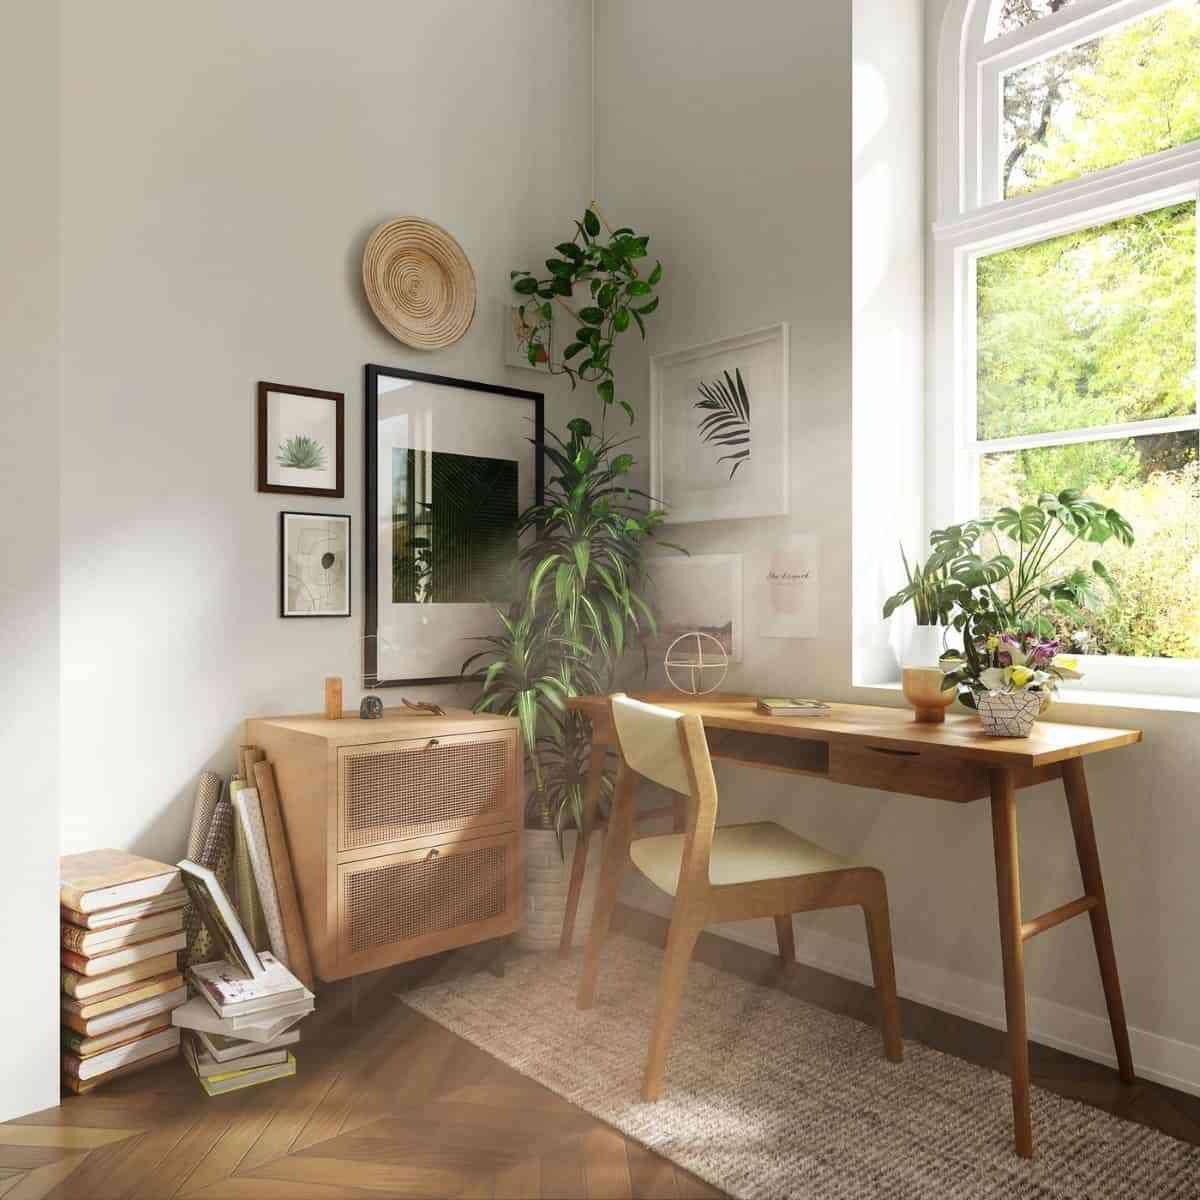 https://alcazardesanjuan.com/cuadros-con-hojas-para-decorar-paredes/